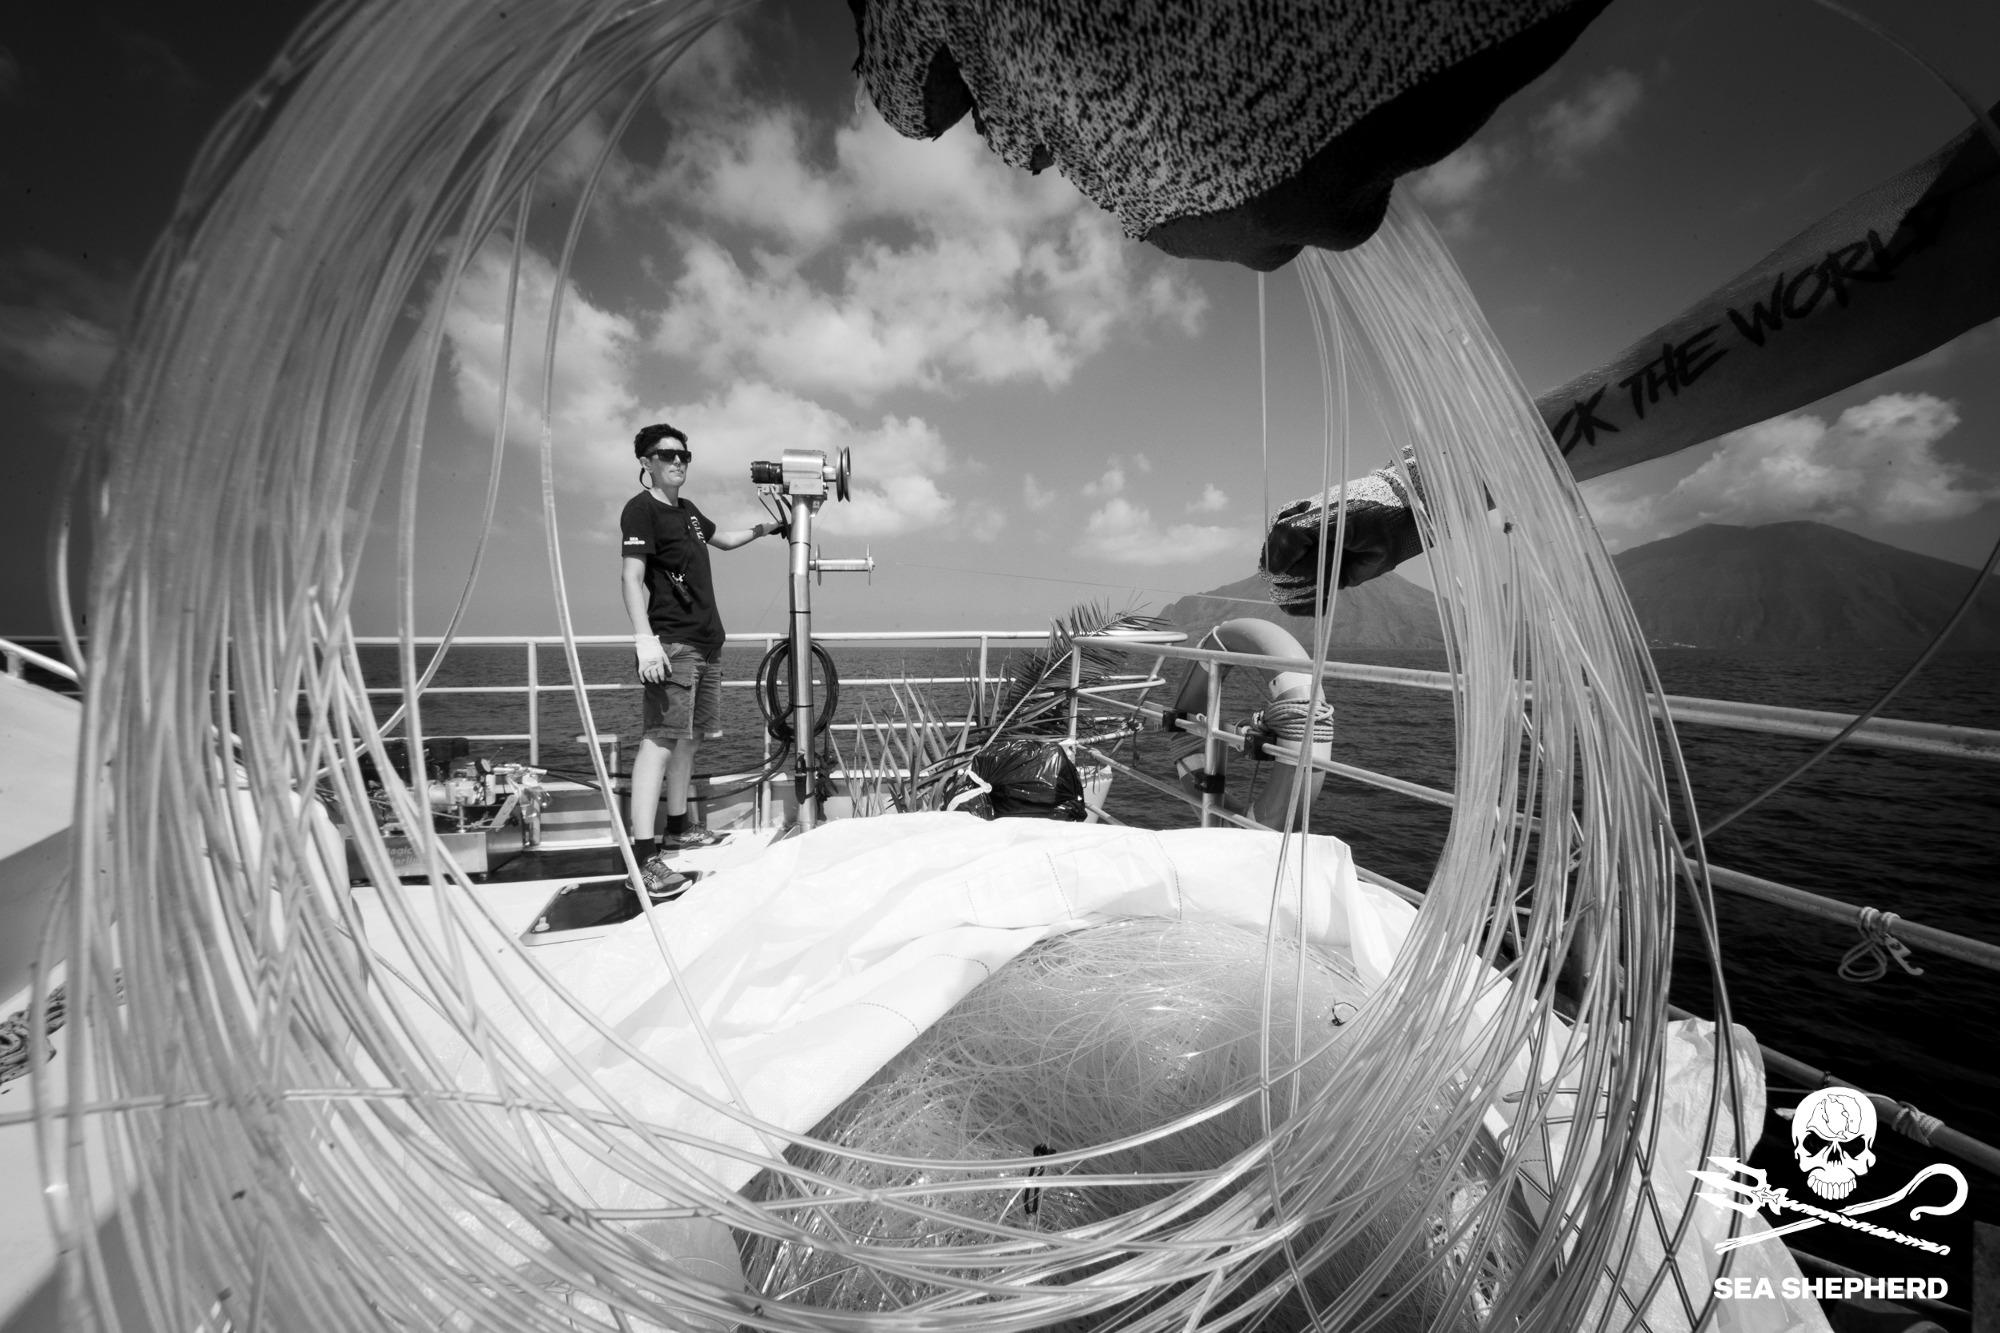 Operazione SISO 2021: Sea Shepherd nel Mar Mediterraneo raggiunge ogni anno nuovi risultati record.